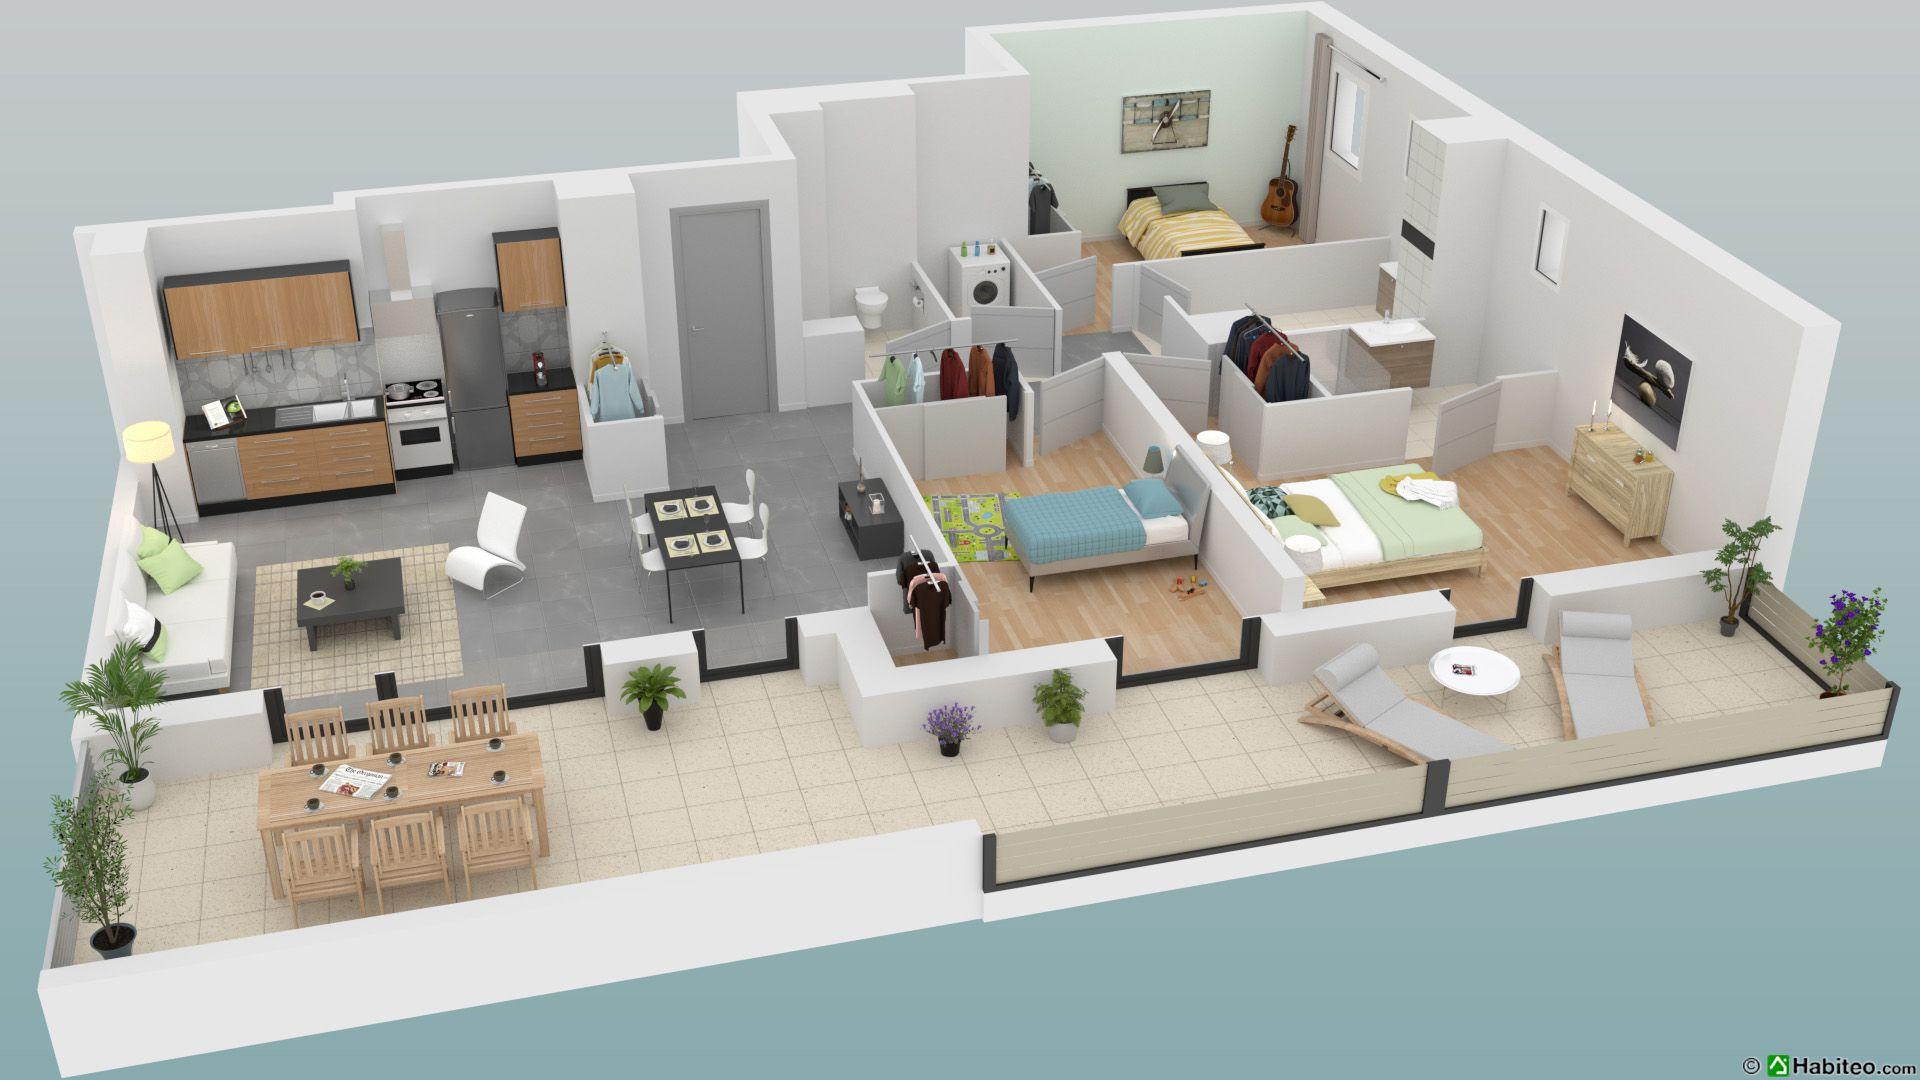 plan 3d dun appartement 4 pices du programme de la rsidence lalbane